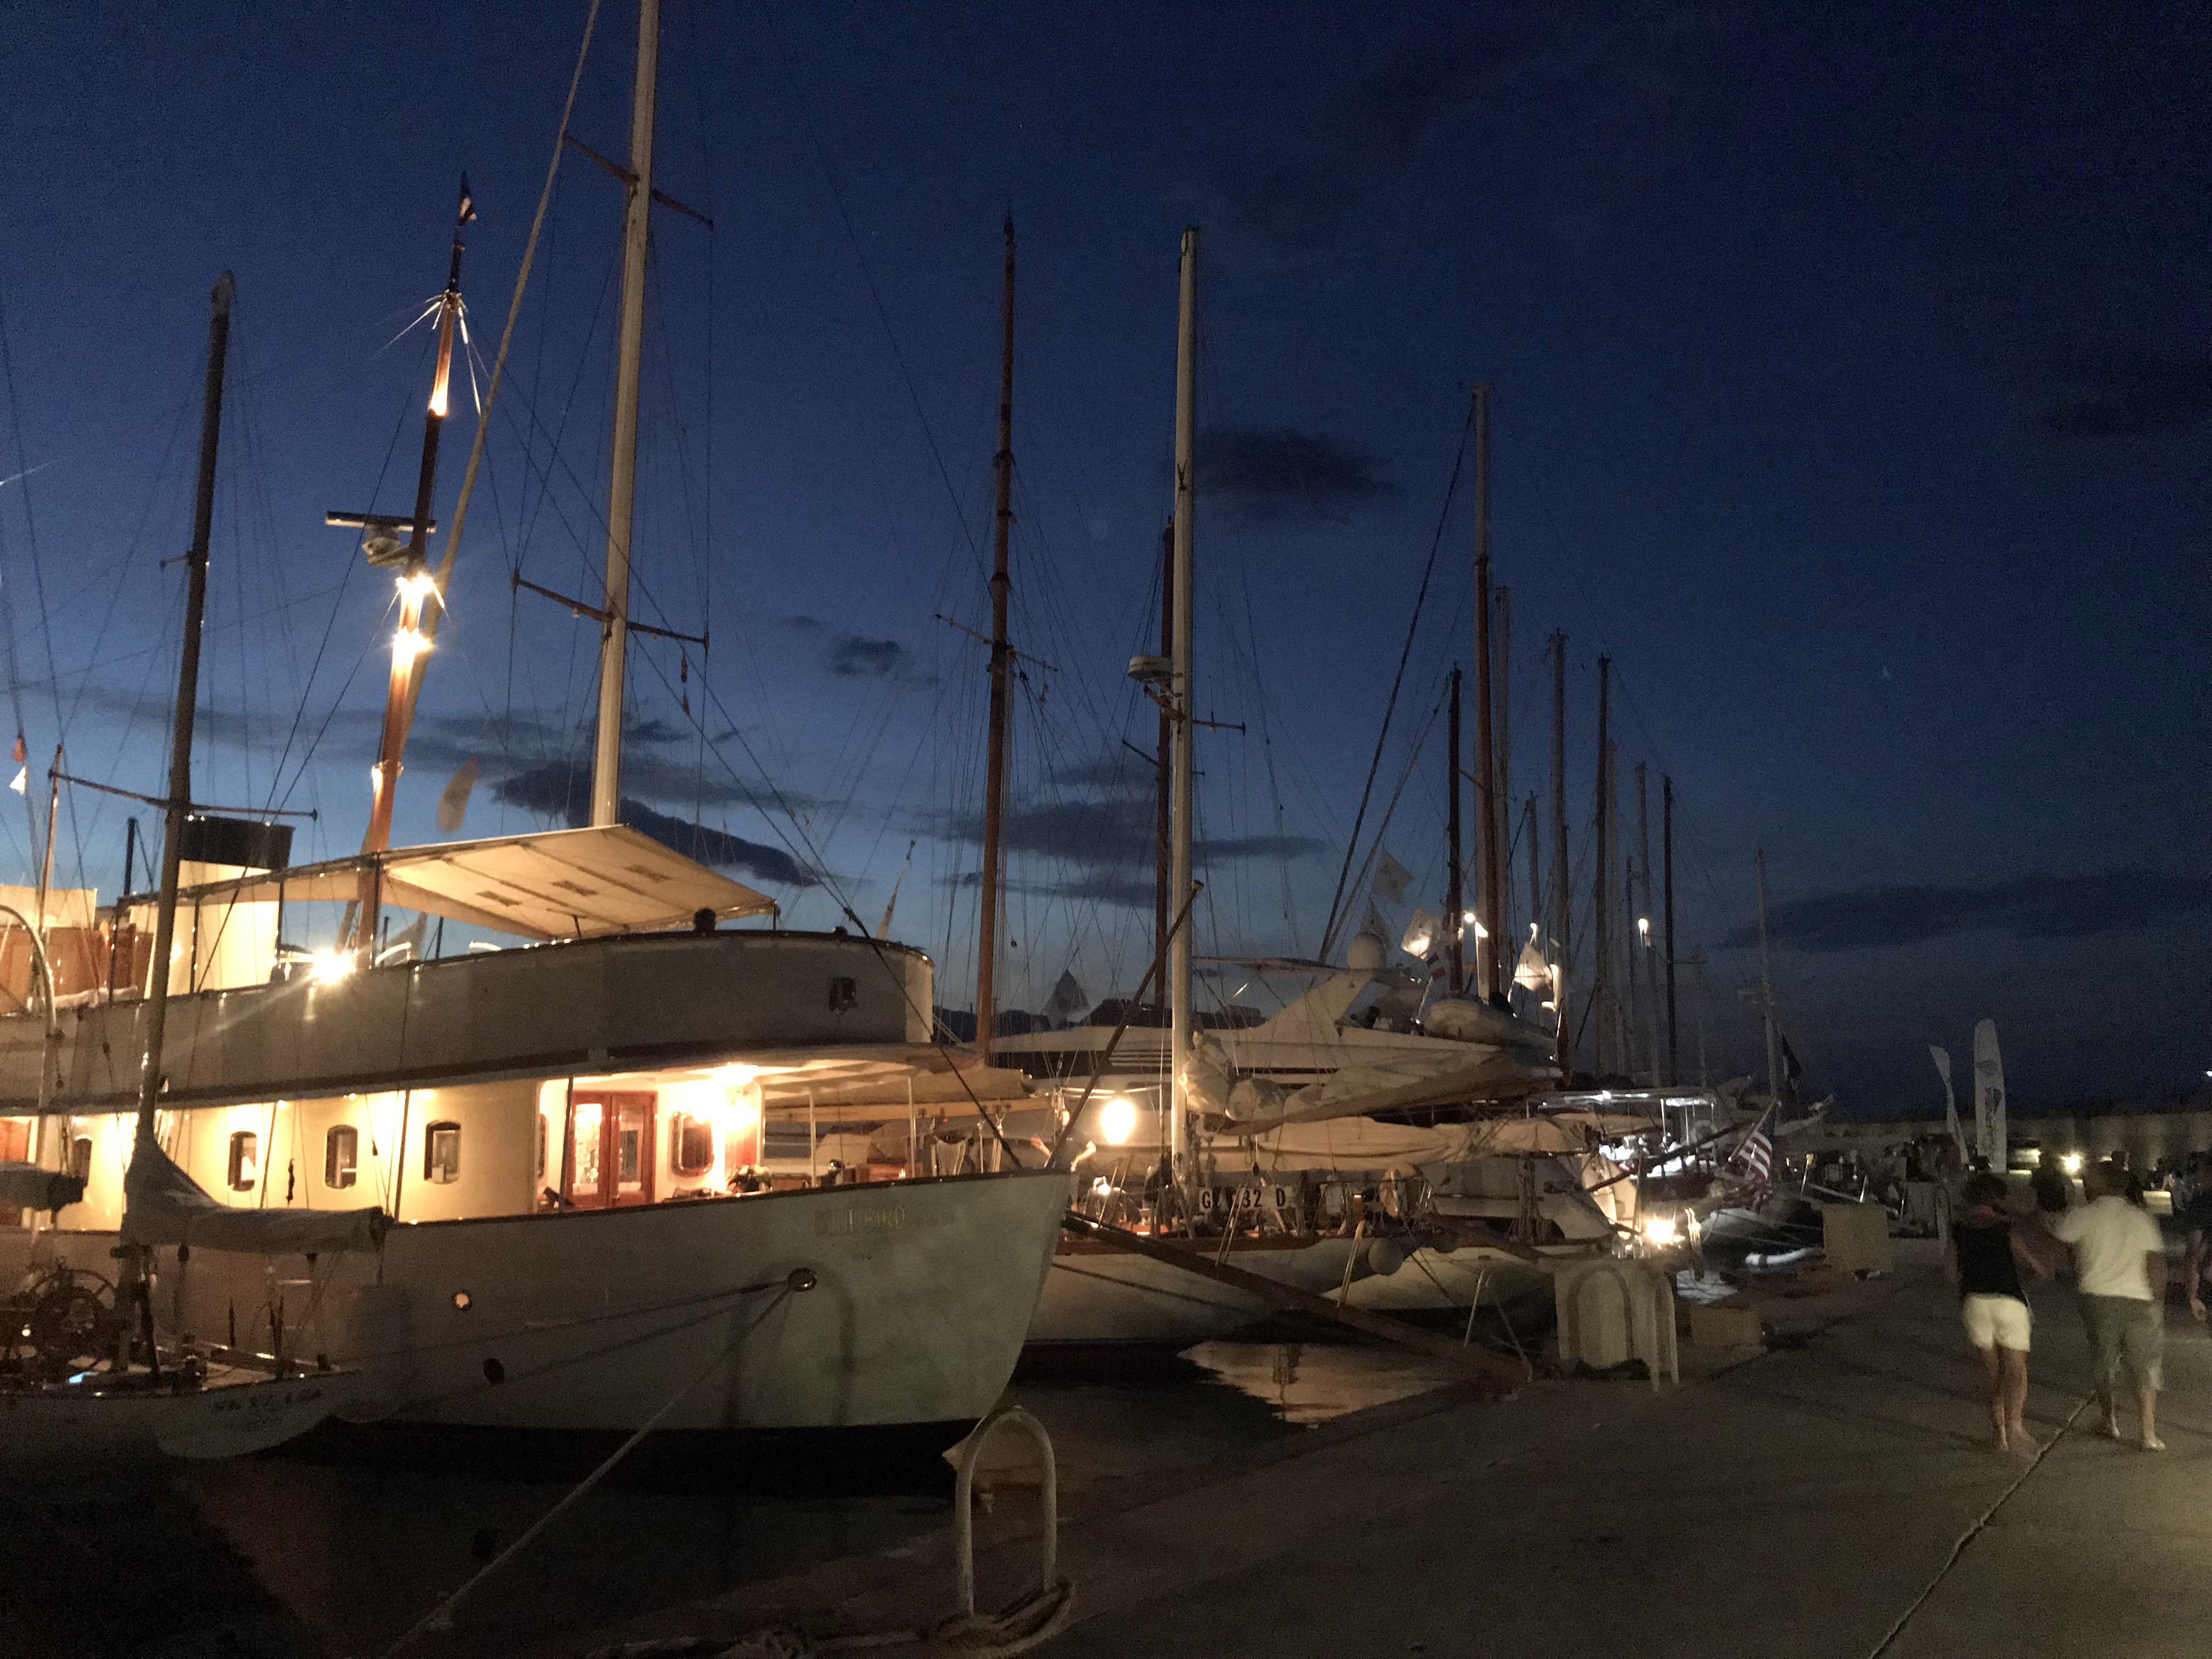 CC 2018 la flotte au port de Sari-Solenzara photo Thibaud Assante DR